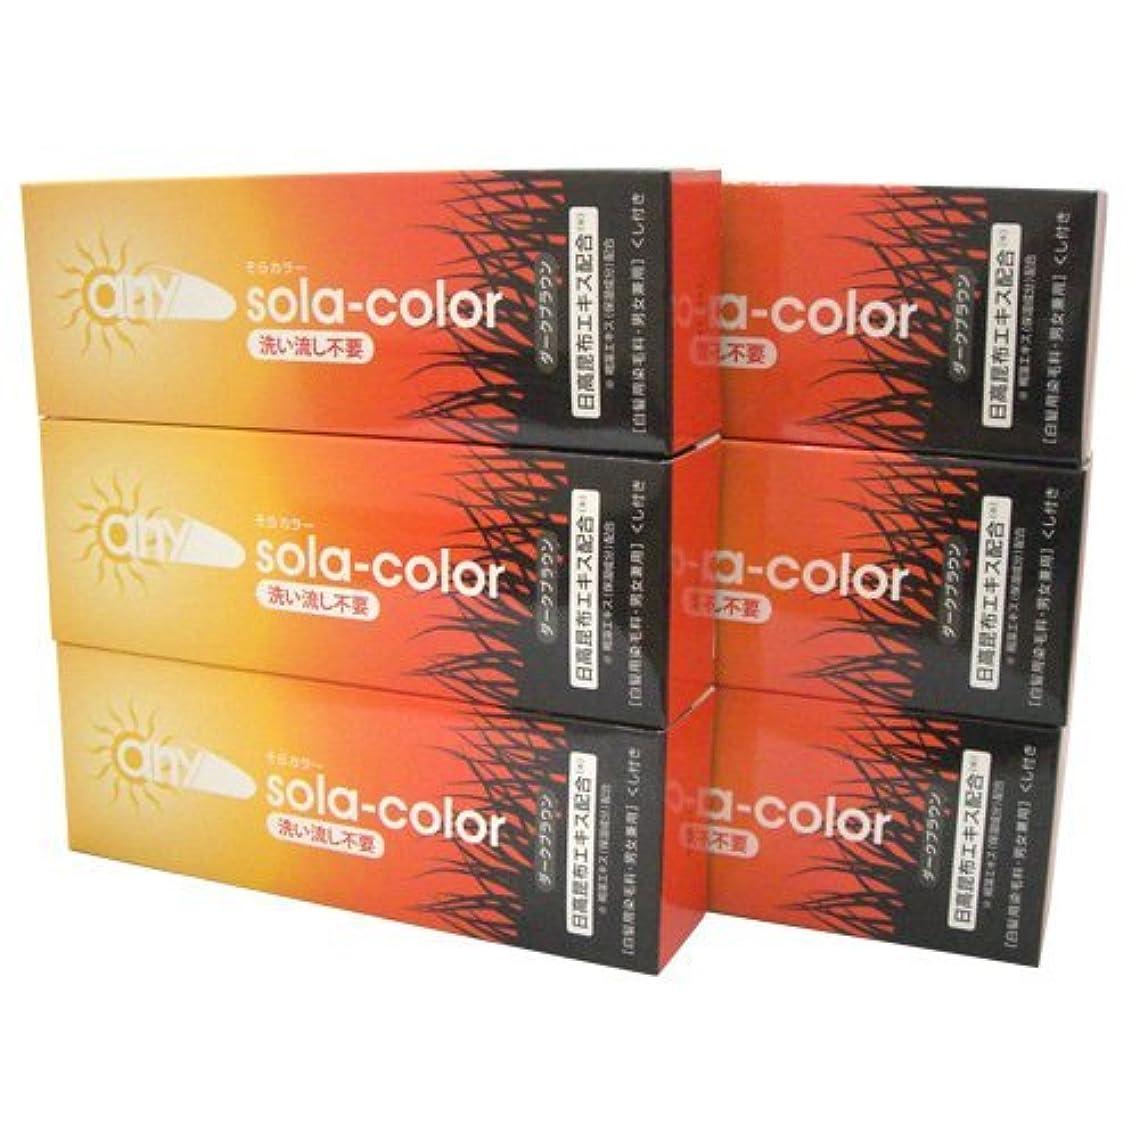 望み限定騙すそらカラー (sola-color) 光ヘアクリーム 80g ダークブラウン x6個セット